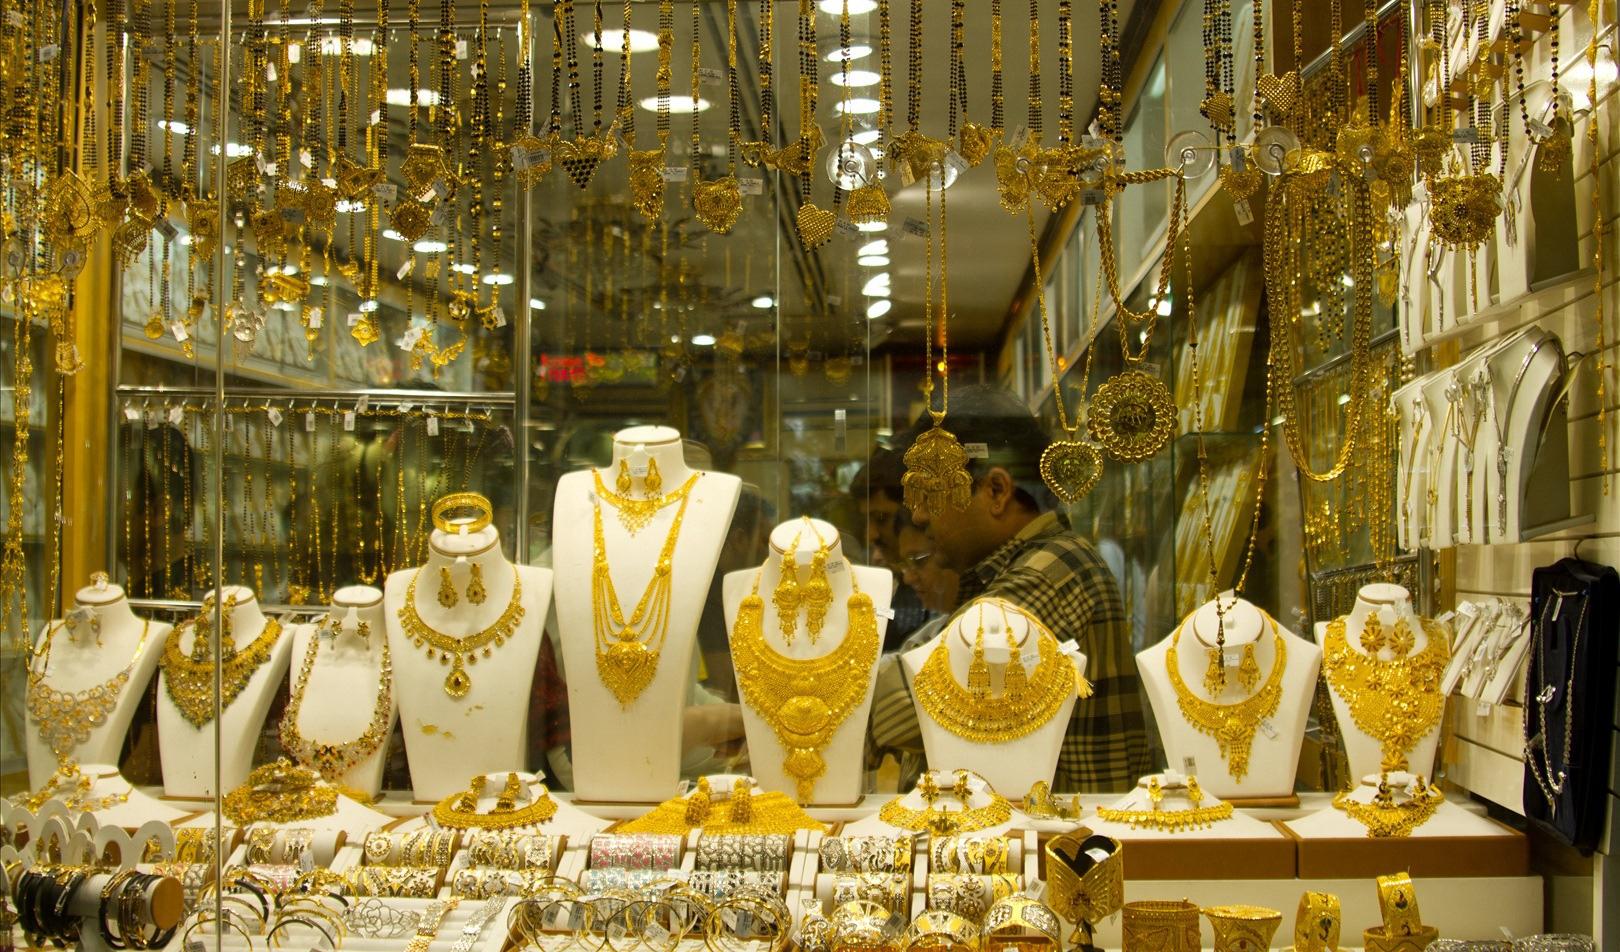 افزایش قیمت طلا در بازار به دلیل نوسان نرخ دلار